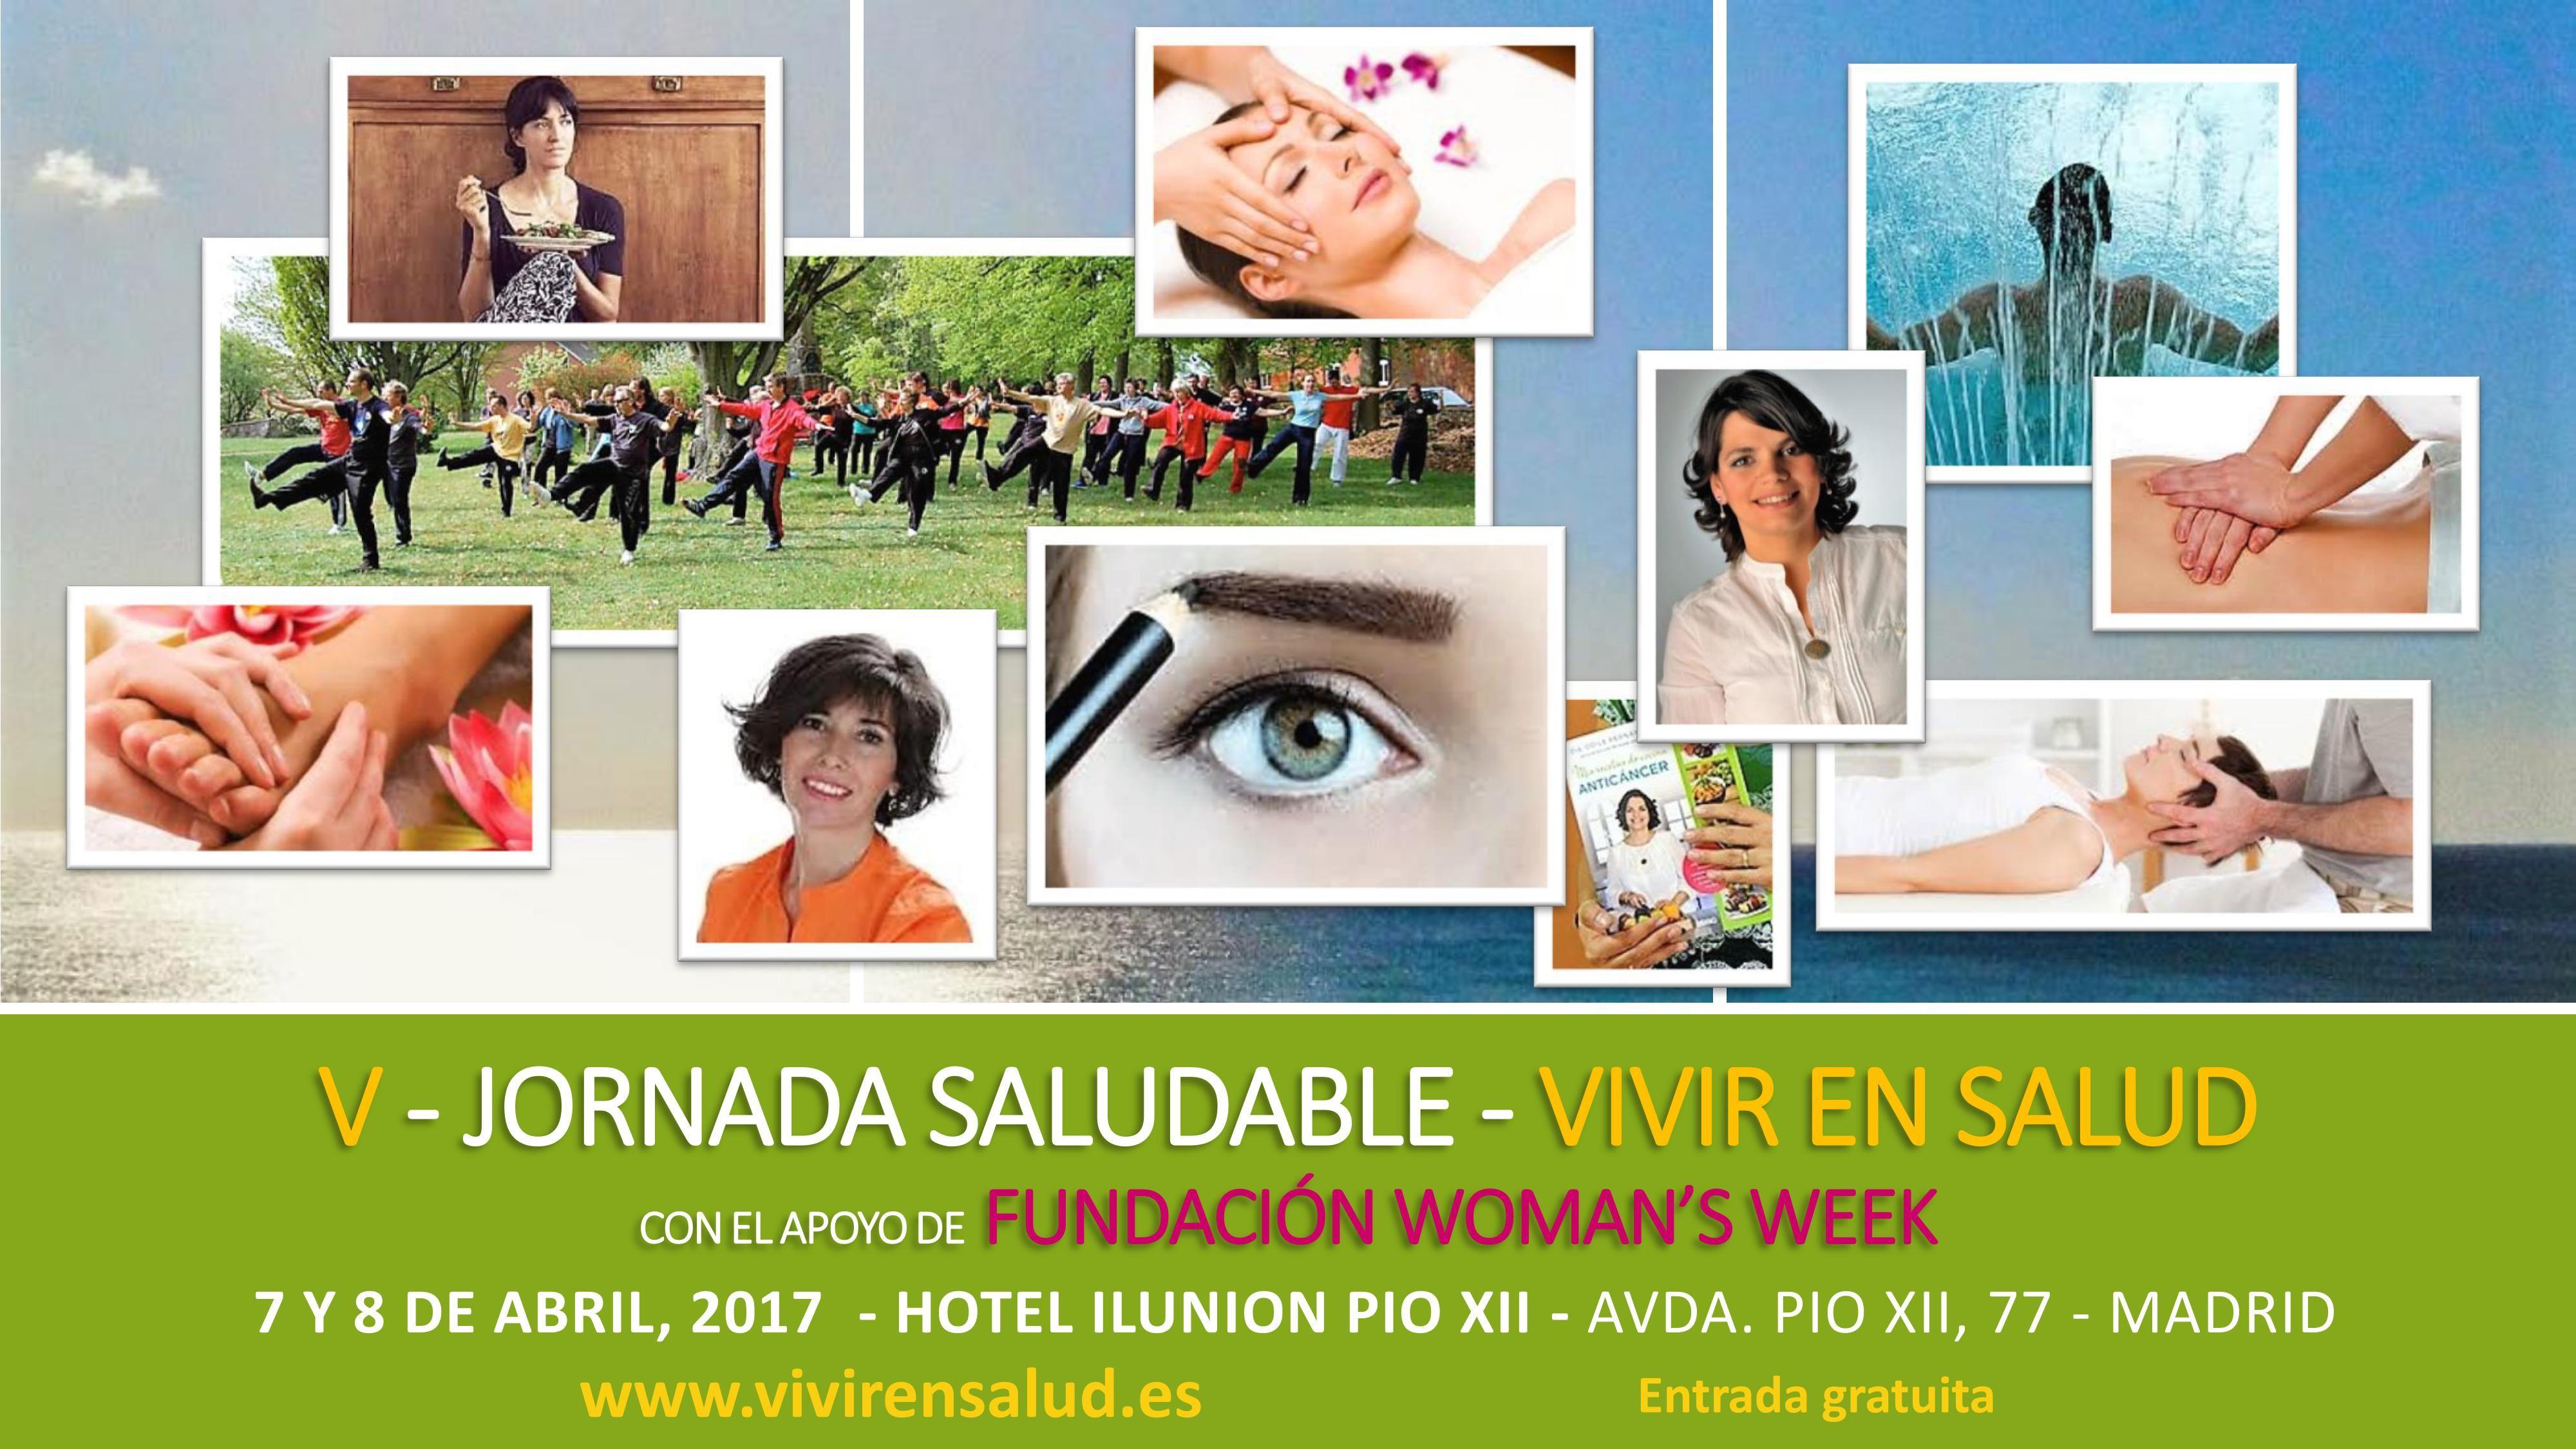 Mujer y salud,protagonistas de la V Jornada Saludable de 'Vivir en Salud'